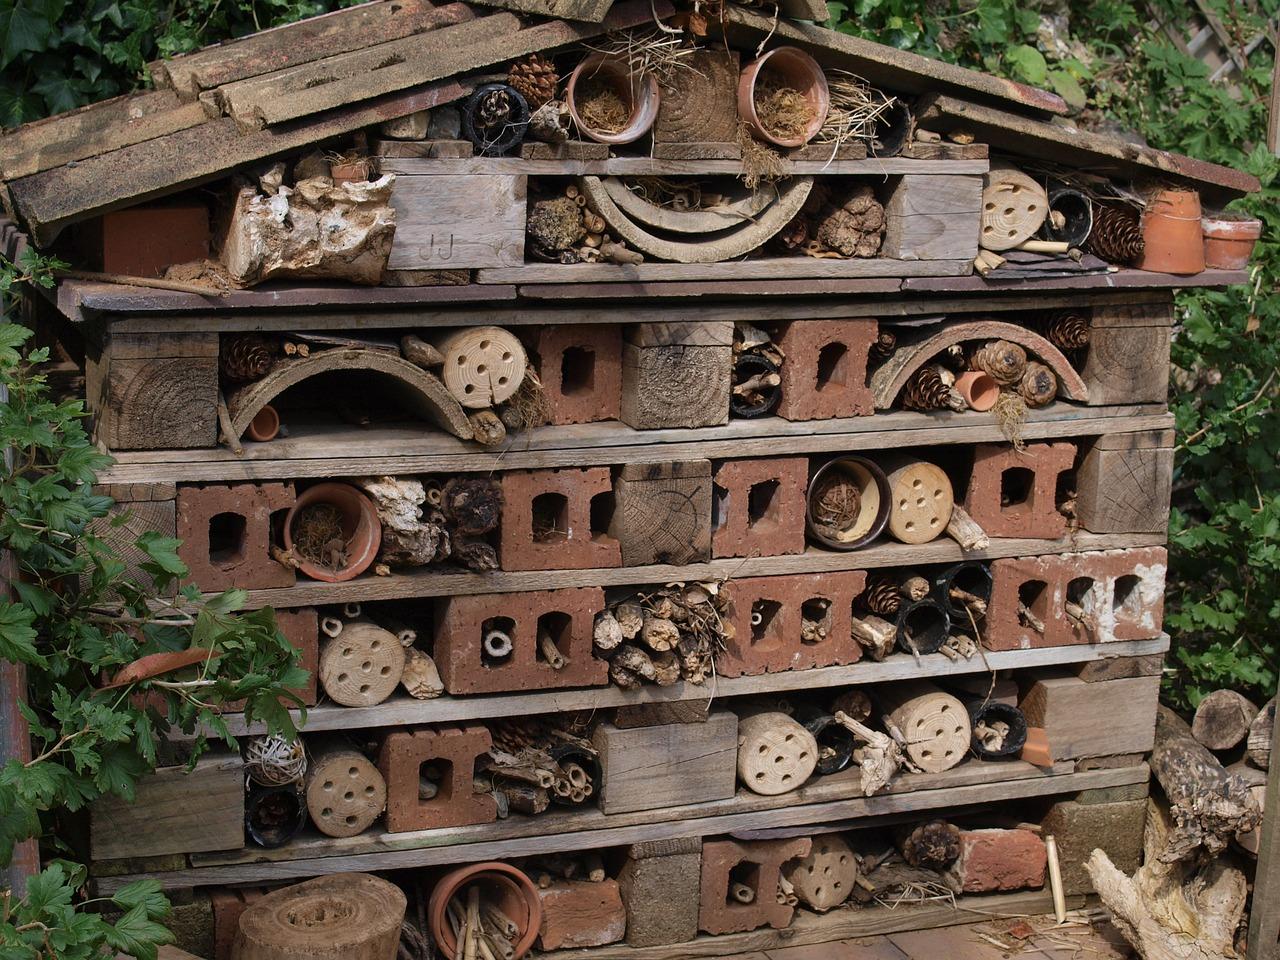 Casetta per insetti in giardino: ecco a cosa serve